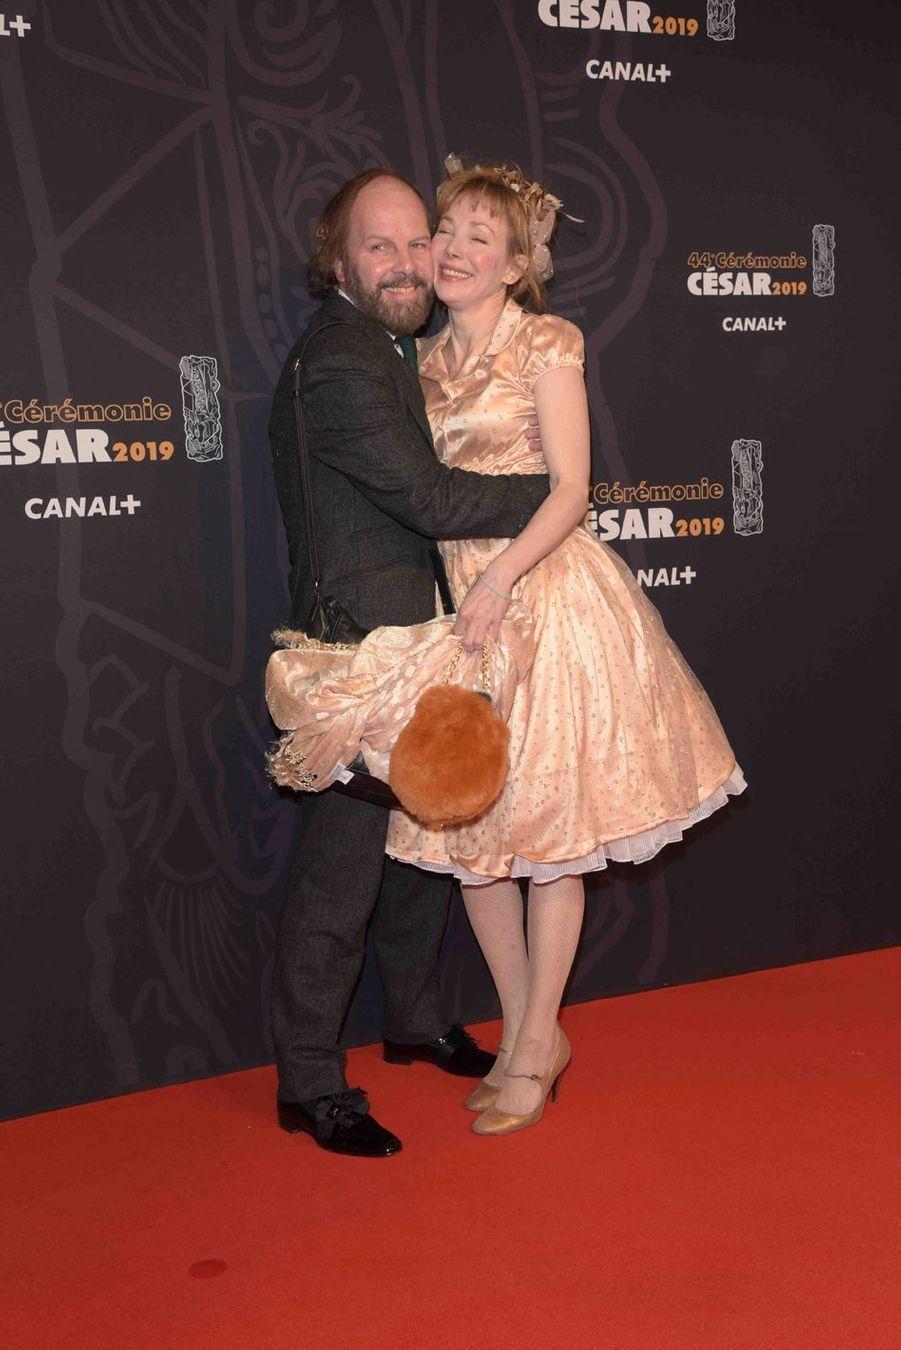 Philippe Katerine et Julie Depardieuà la 44e cérémonie des César à la Salle Pleyel à Paris le 22 février 2019